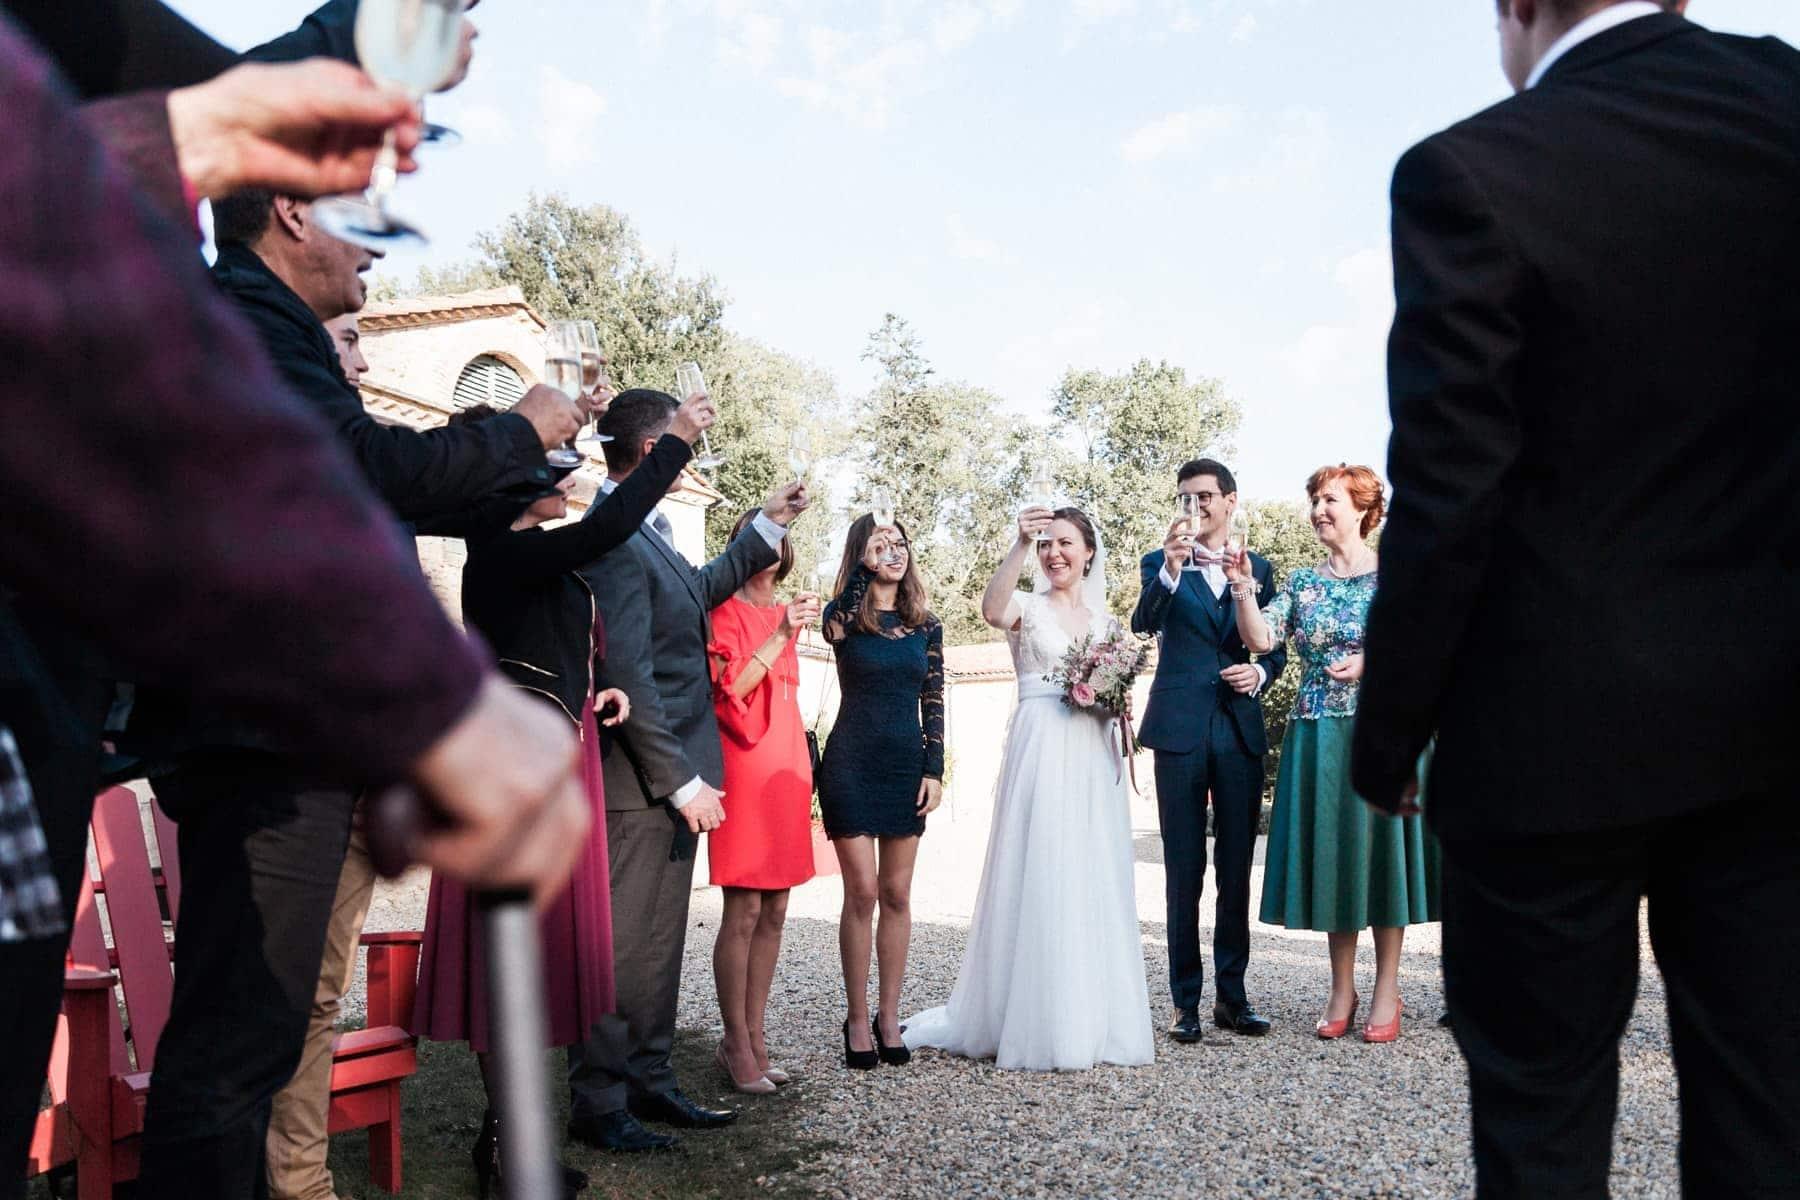 Champagne : photographe de mariage au château de l'isle médoc pour un mariage franco-russe intimiste